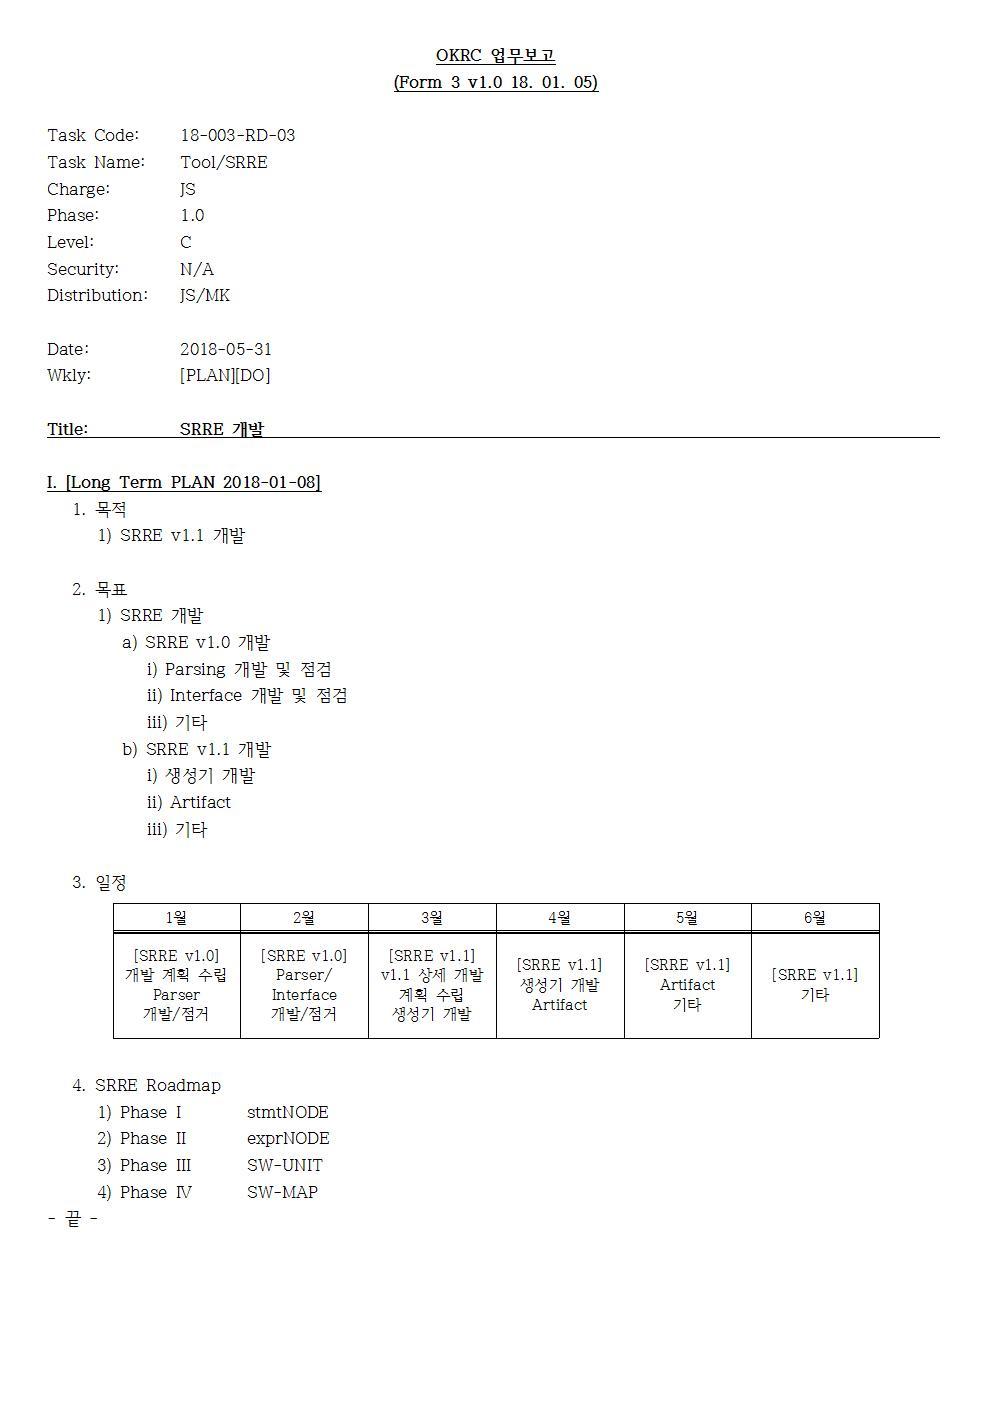 D-[18-003-RD-03]-[SRRE]-[2018-05-31][JS]001.jpg